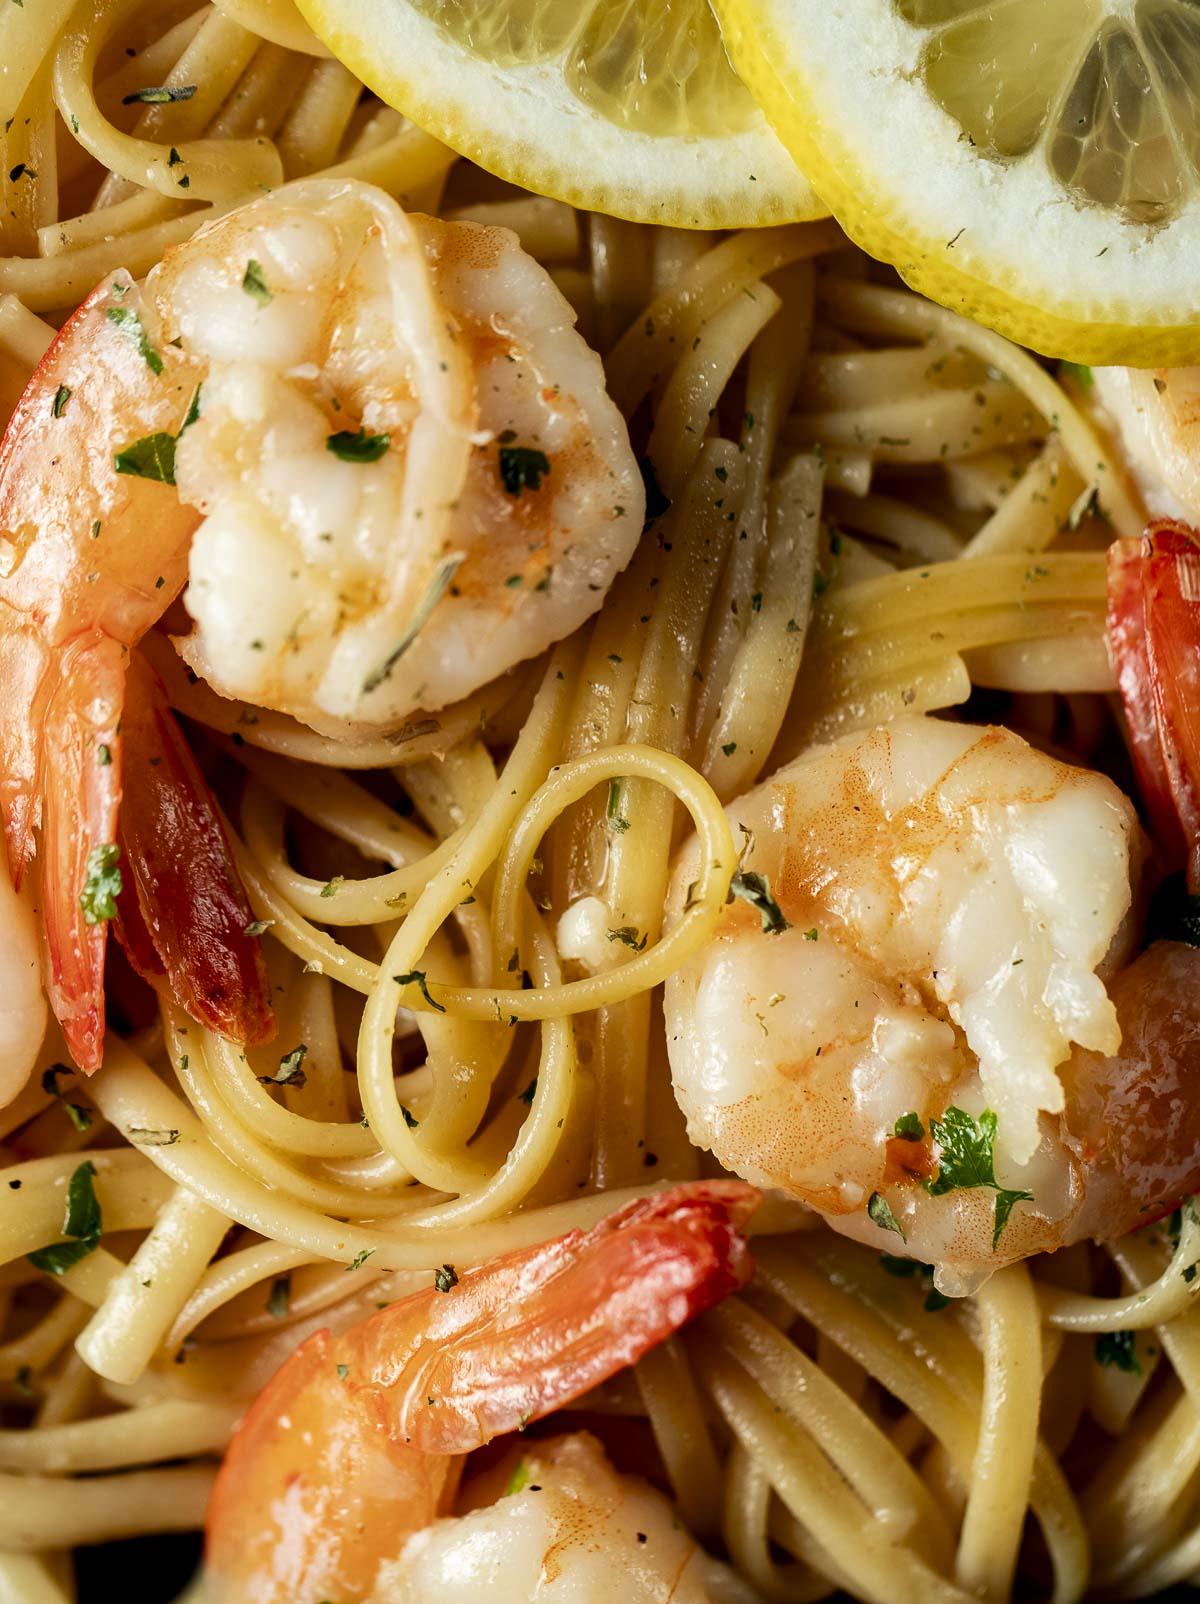 Close up of shrimp and linguine.